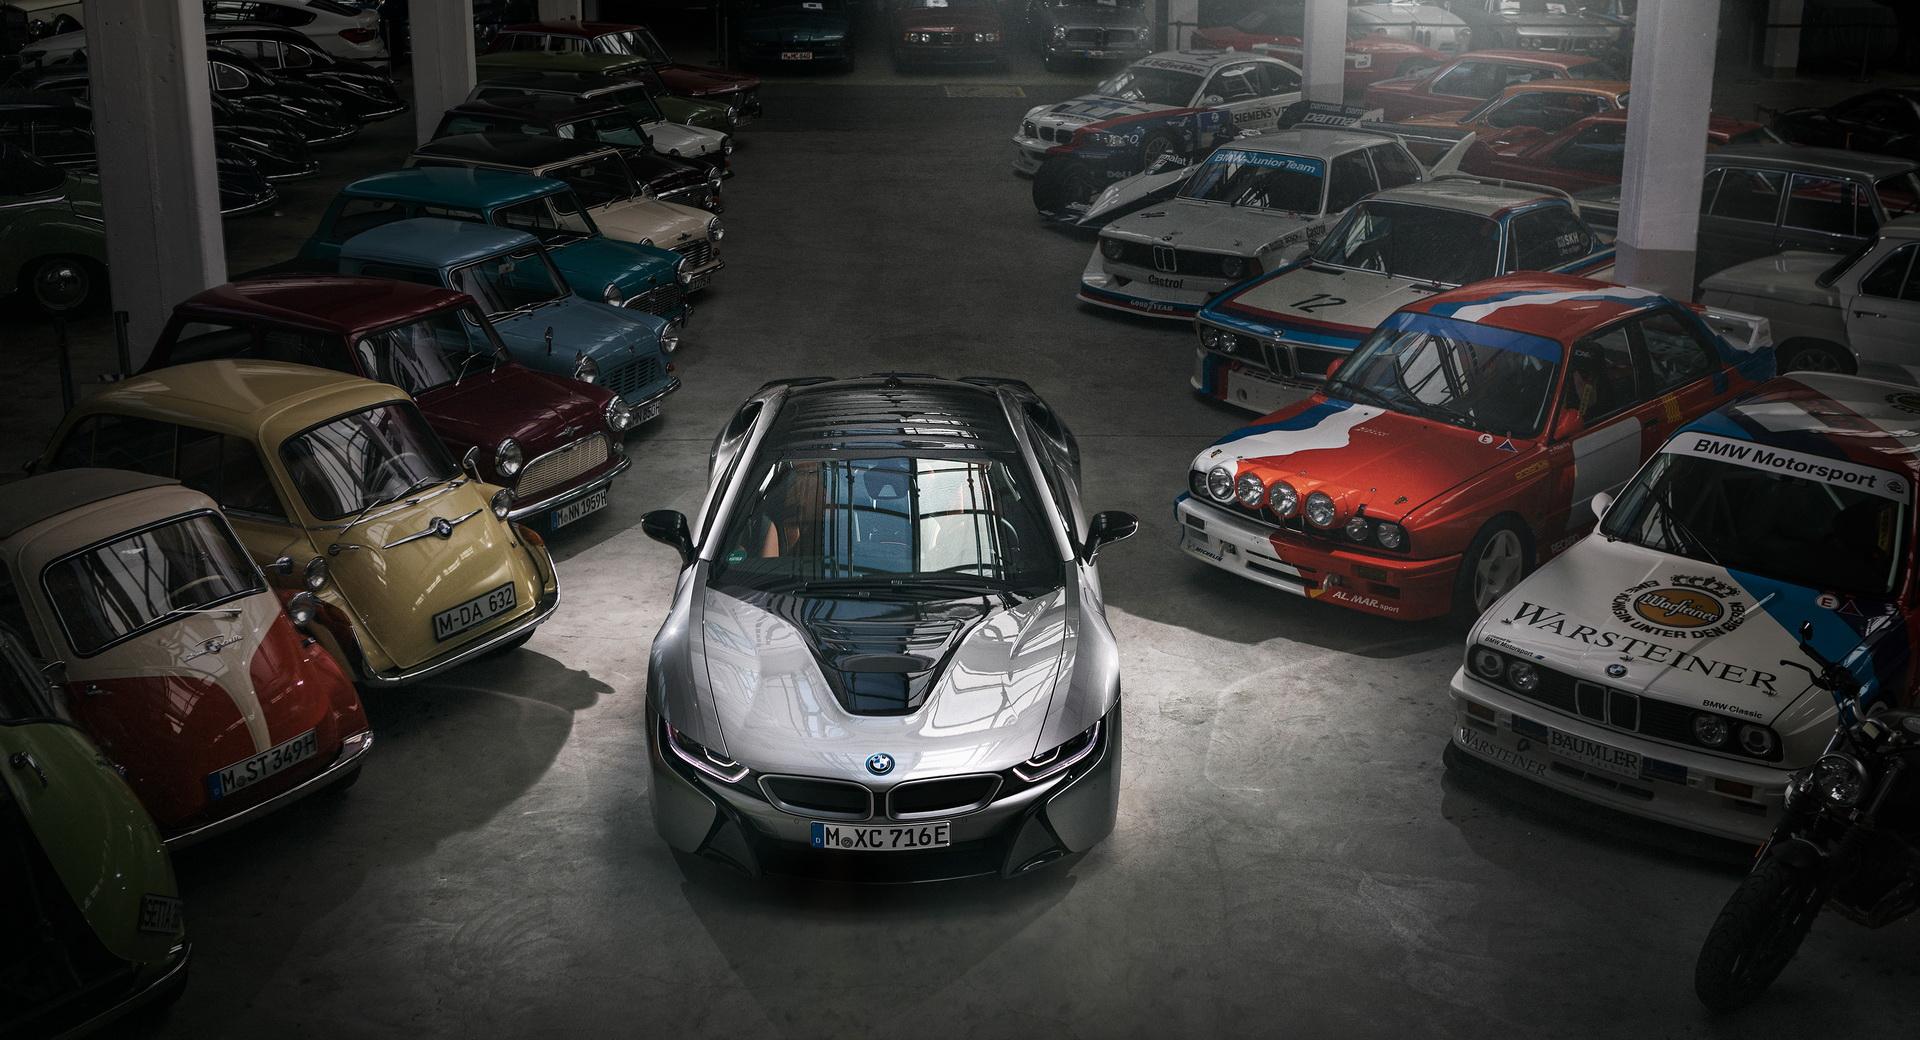 Полтора года назад ателье Alpina, занимающееся выпуском кастомных автомобилей повышенного комфорта и производительности на базе BMW, разработало проект «прокачки» гибридного i8, но так и забросила его, не начав производство. На днях стало ясно, почему.